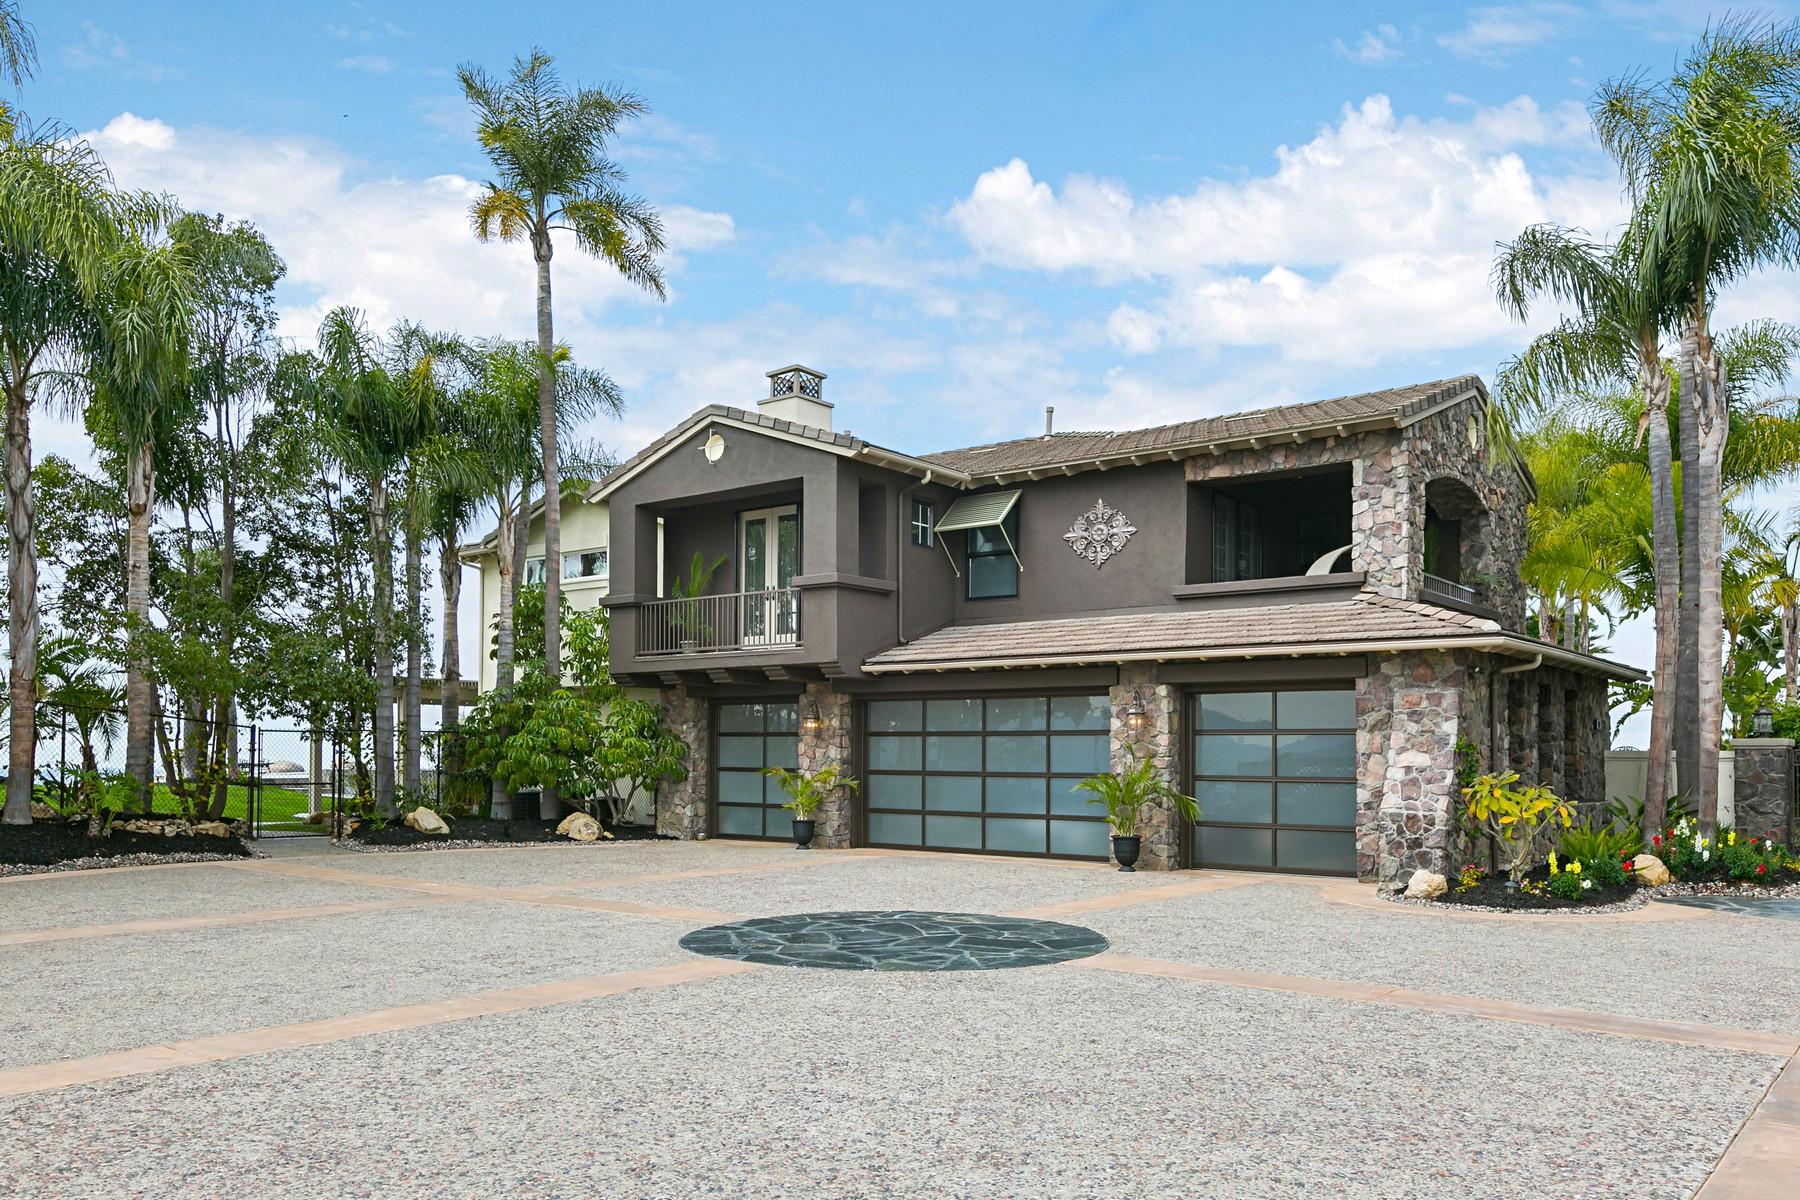 Single Family Home for Sale at 6039 Villa Medi ci 6039 Villa Medici Bonsall, California 92003 United States